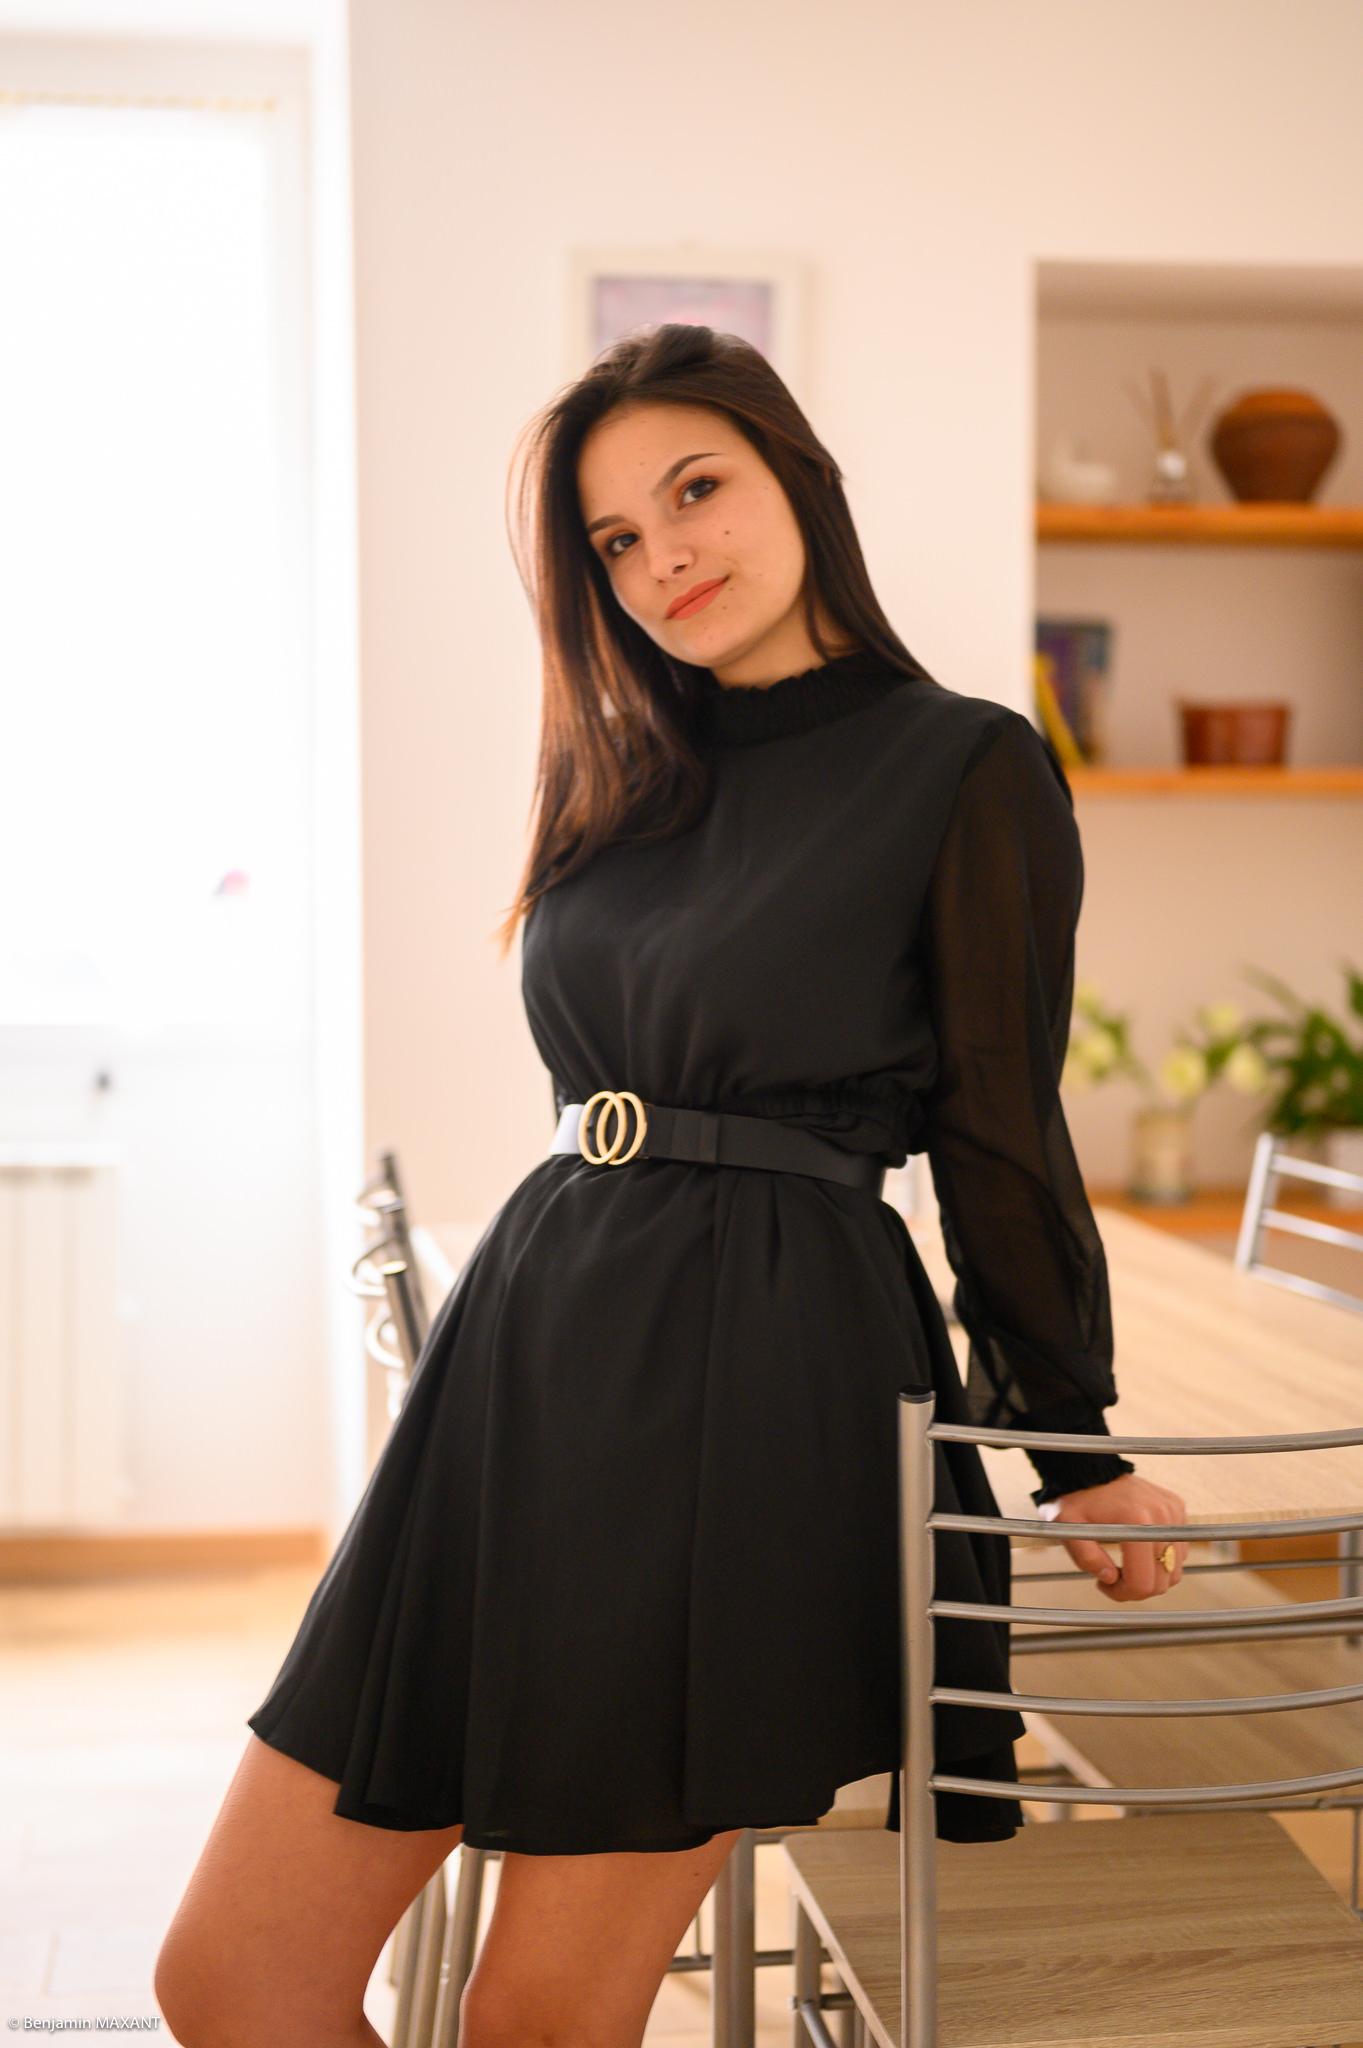 Séance photo boudoir robe noire alle à manger assise contre la table